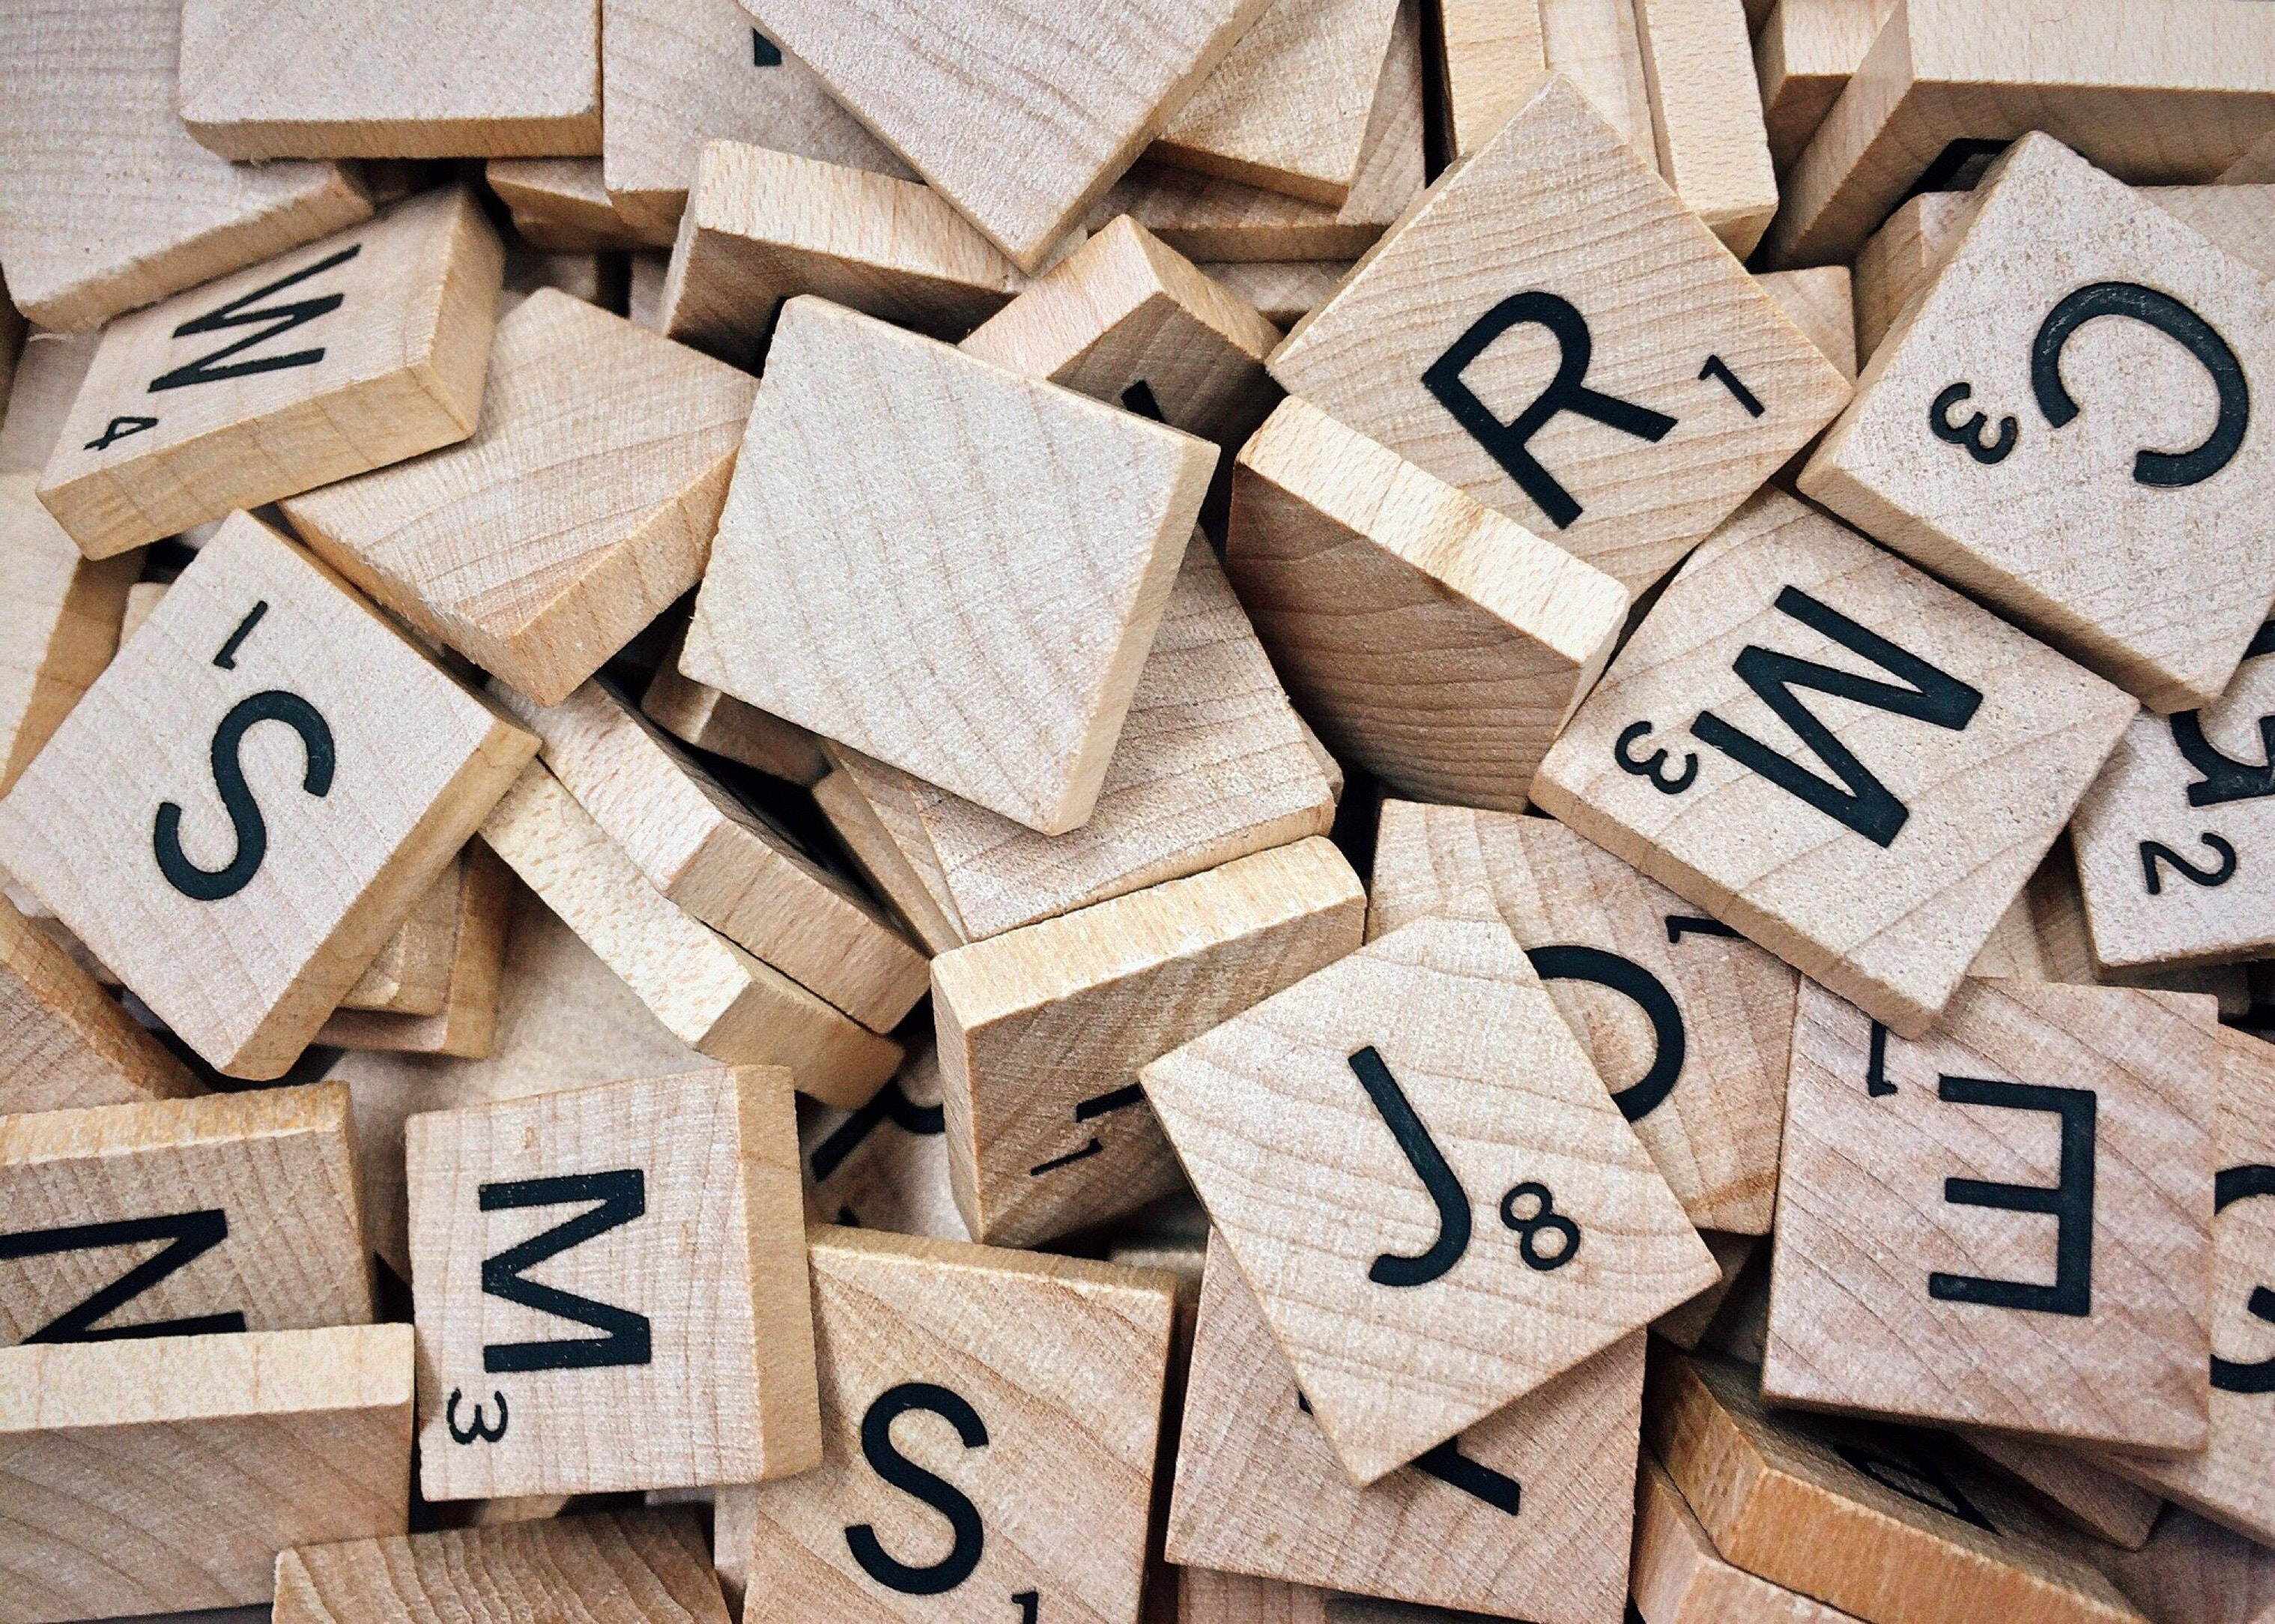 ¿Sabes cuál es la palabra que más escuchas a lo largo del día?